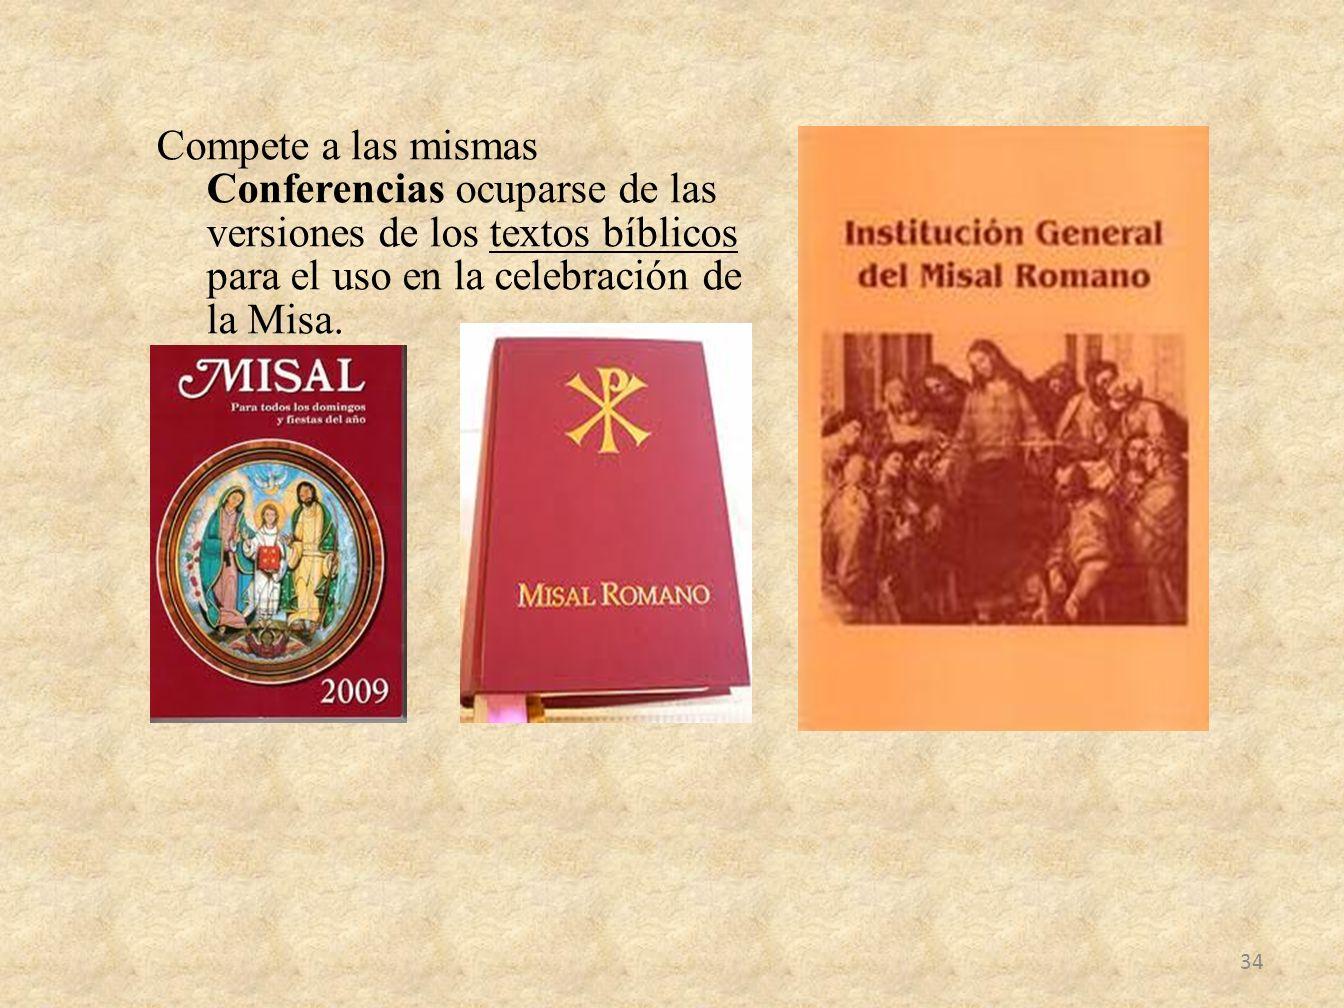 Compete a las mismas Conferencias ocuparse de las versiones de los textos bíblicos para el uso en la celebración de la Misa. 34